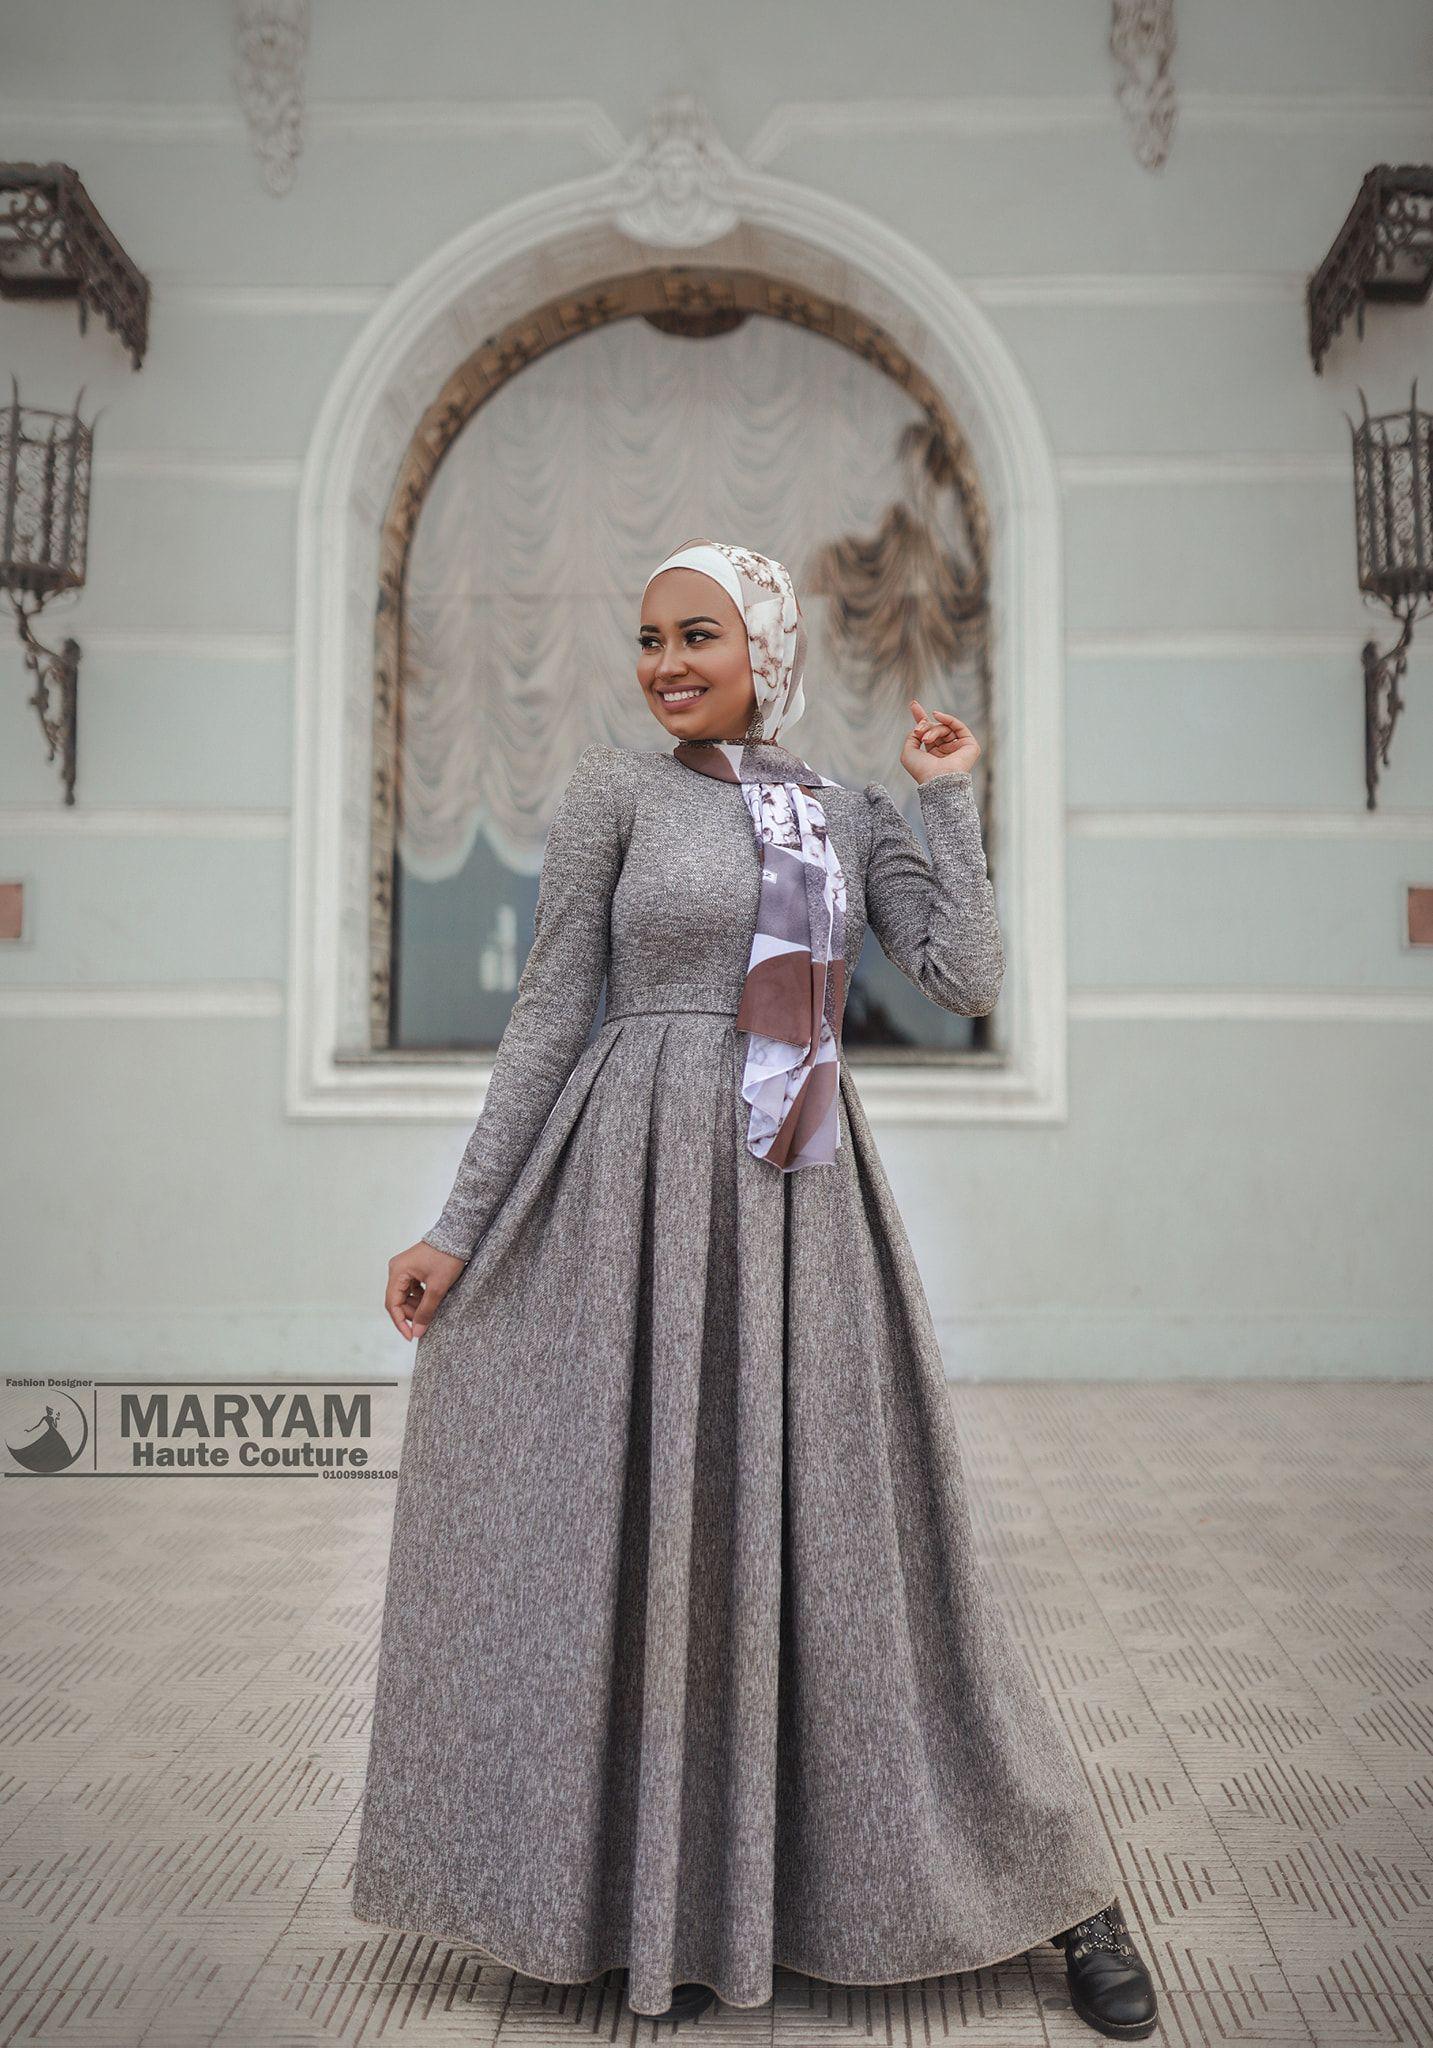 اجمل فساتين المحجبات من مريم للأزياء الراقية Hijab Dresses In 2021 Dresses Victorian Dress Fashion